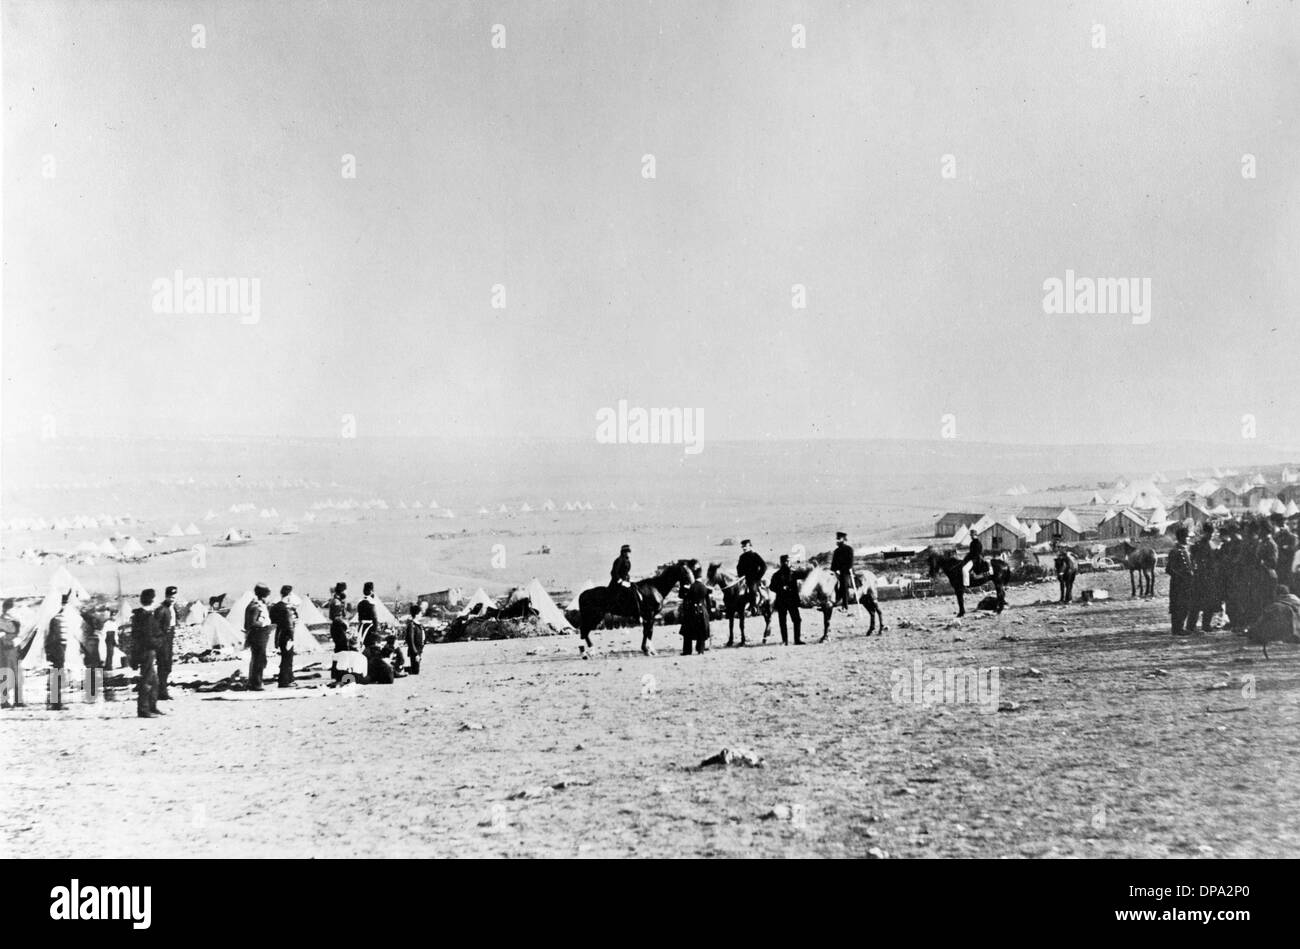 Crimean War - Fenton photograph - Stock Image